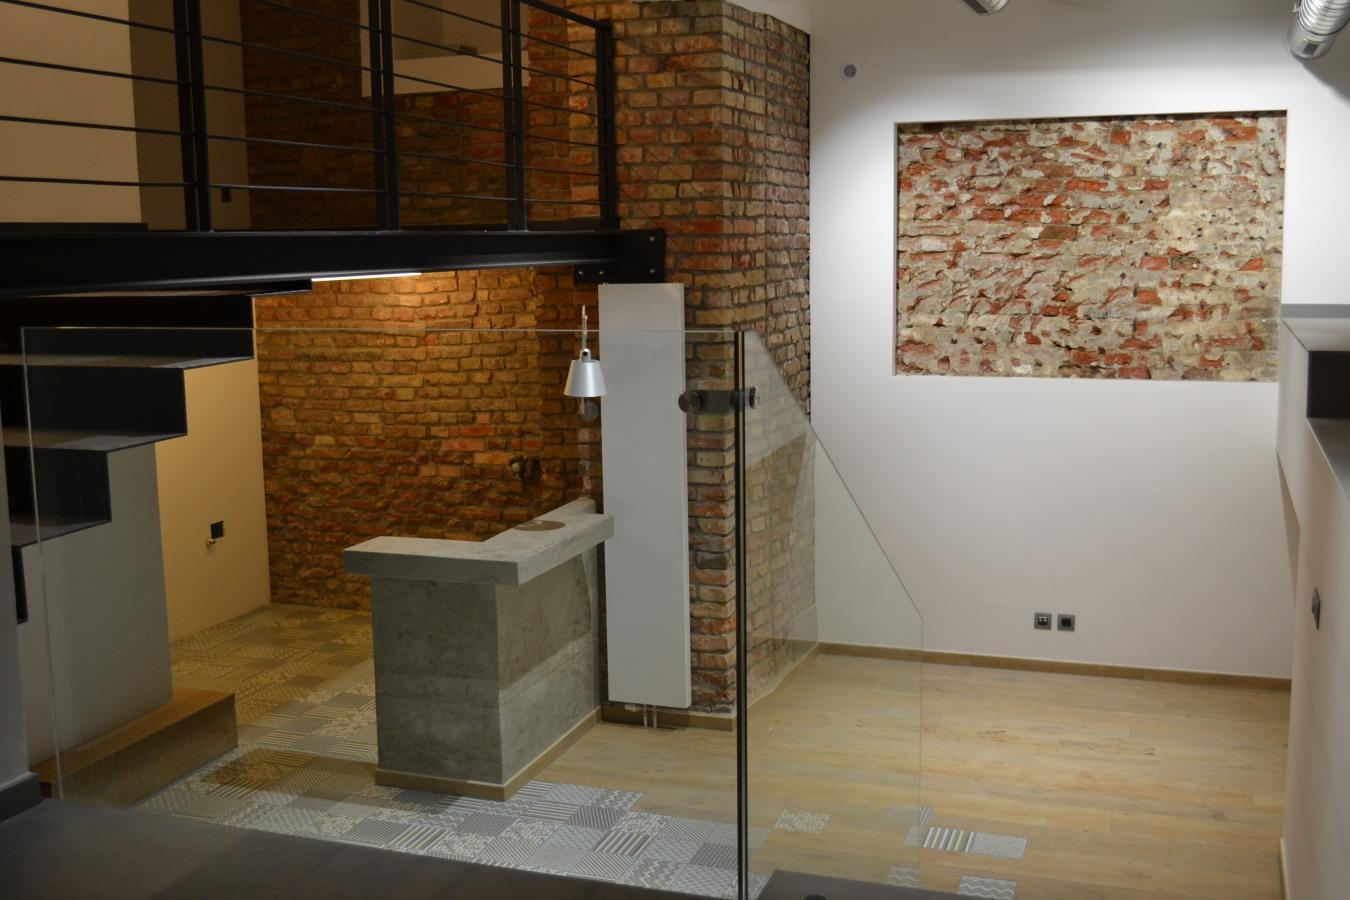 Studio Sokolovská v Praze změněno na Centrum Křižíkova slide 0